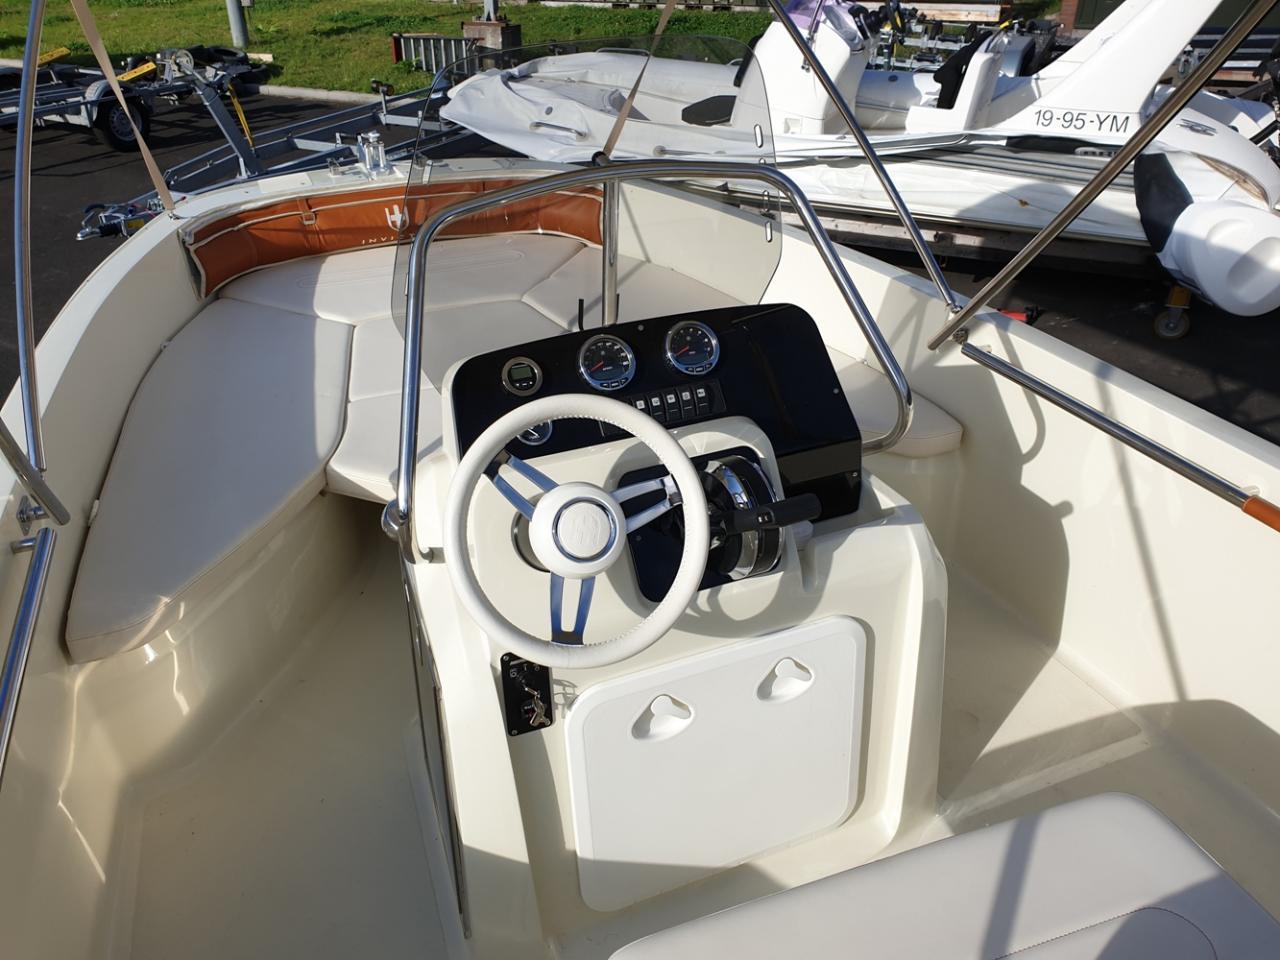 Invictus 190 fx console met nieuwe Mercury 100 pk 3